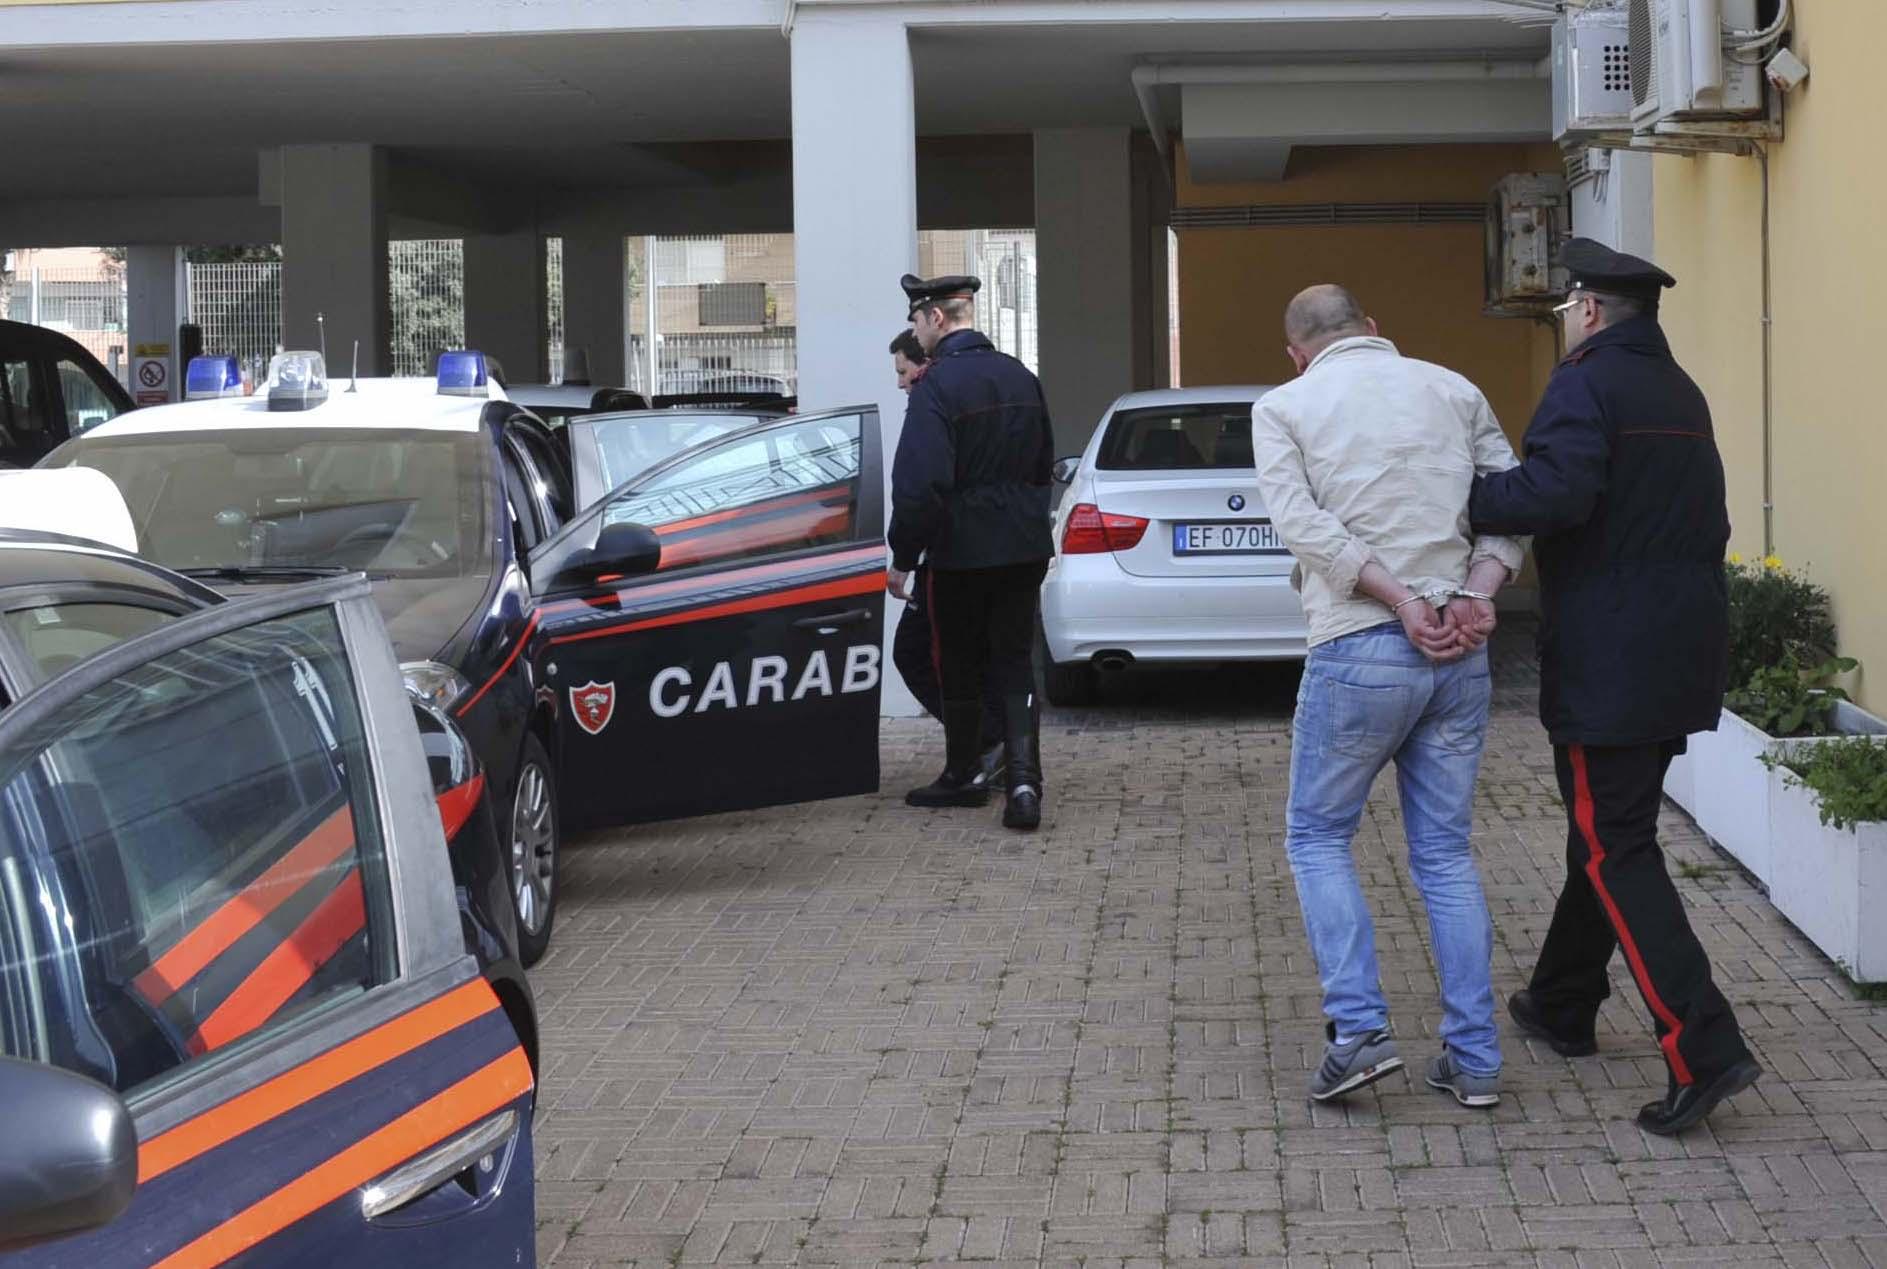 Inchiesta della Dda su armi e droga: 13 arresti a Taranto